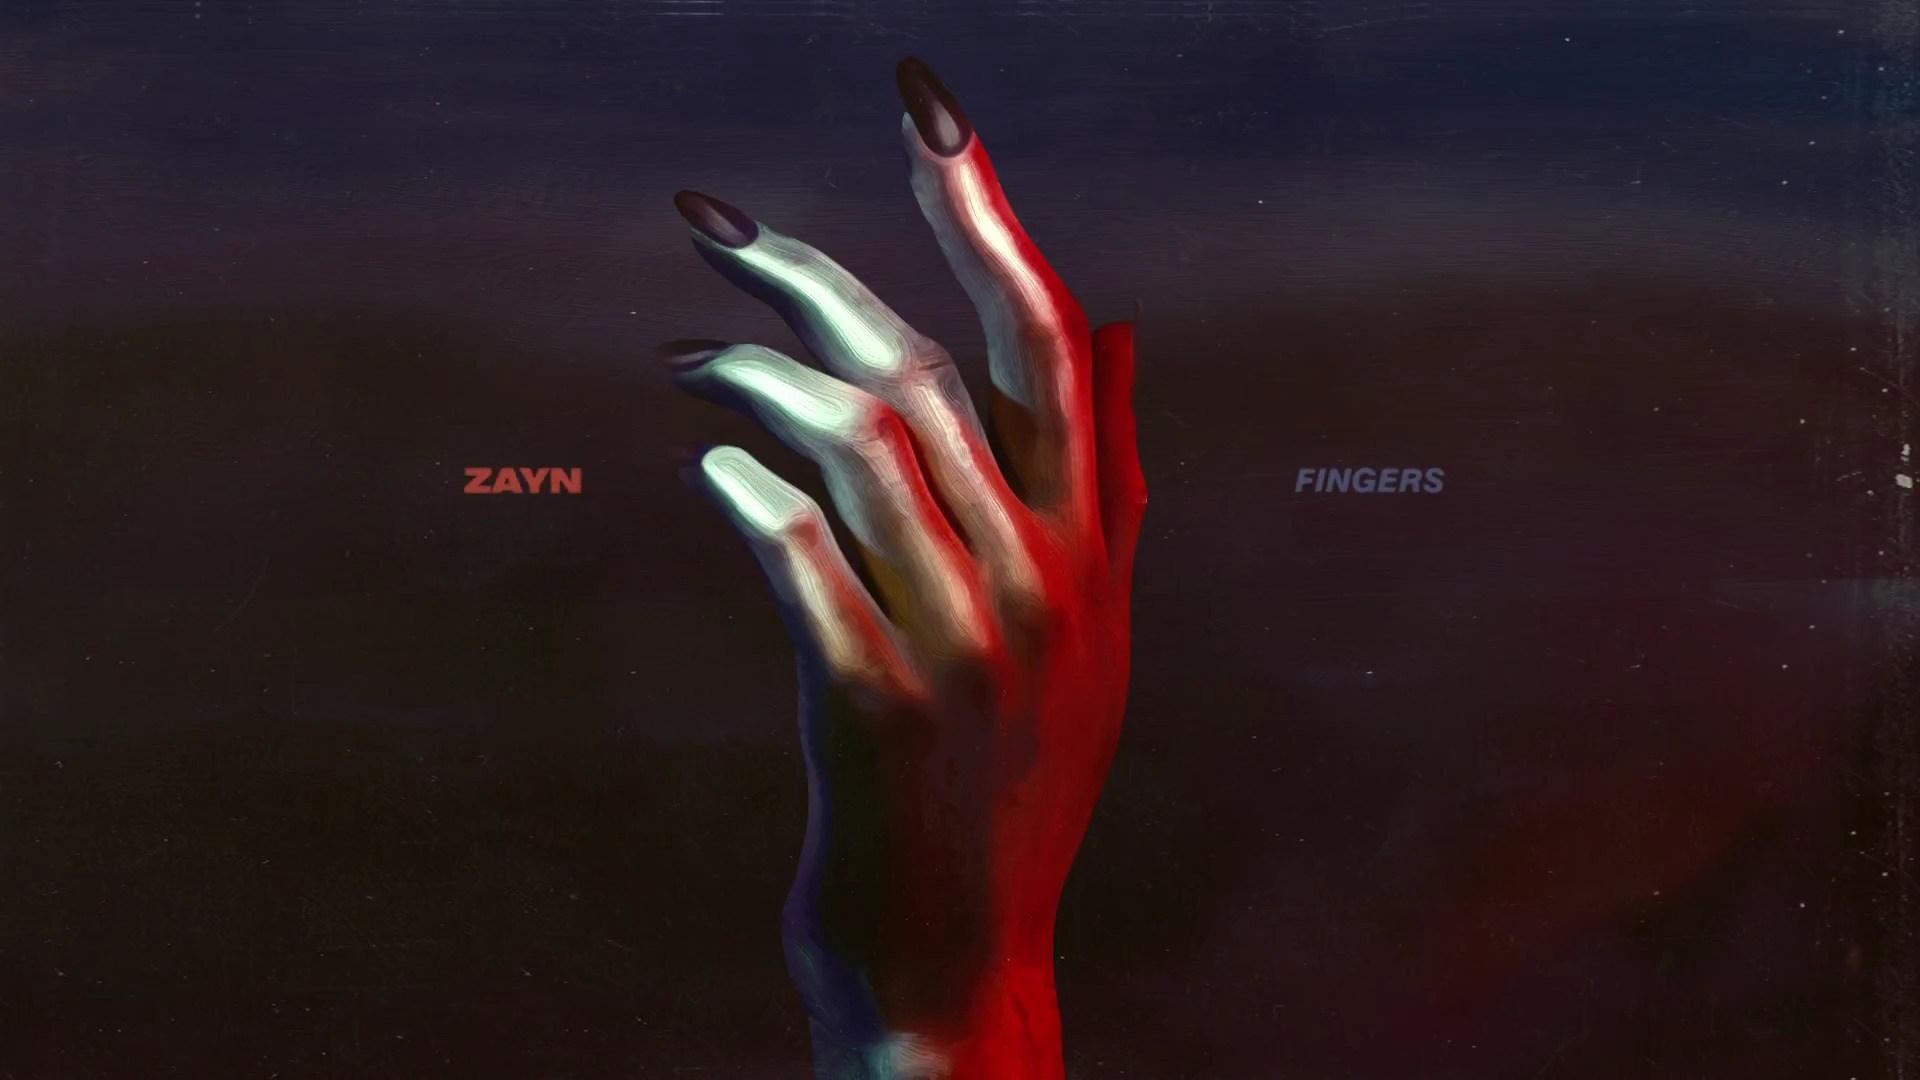 Zayn – Fingers